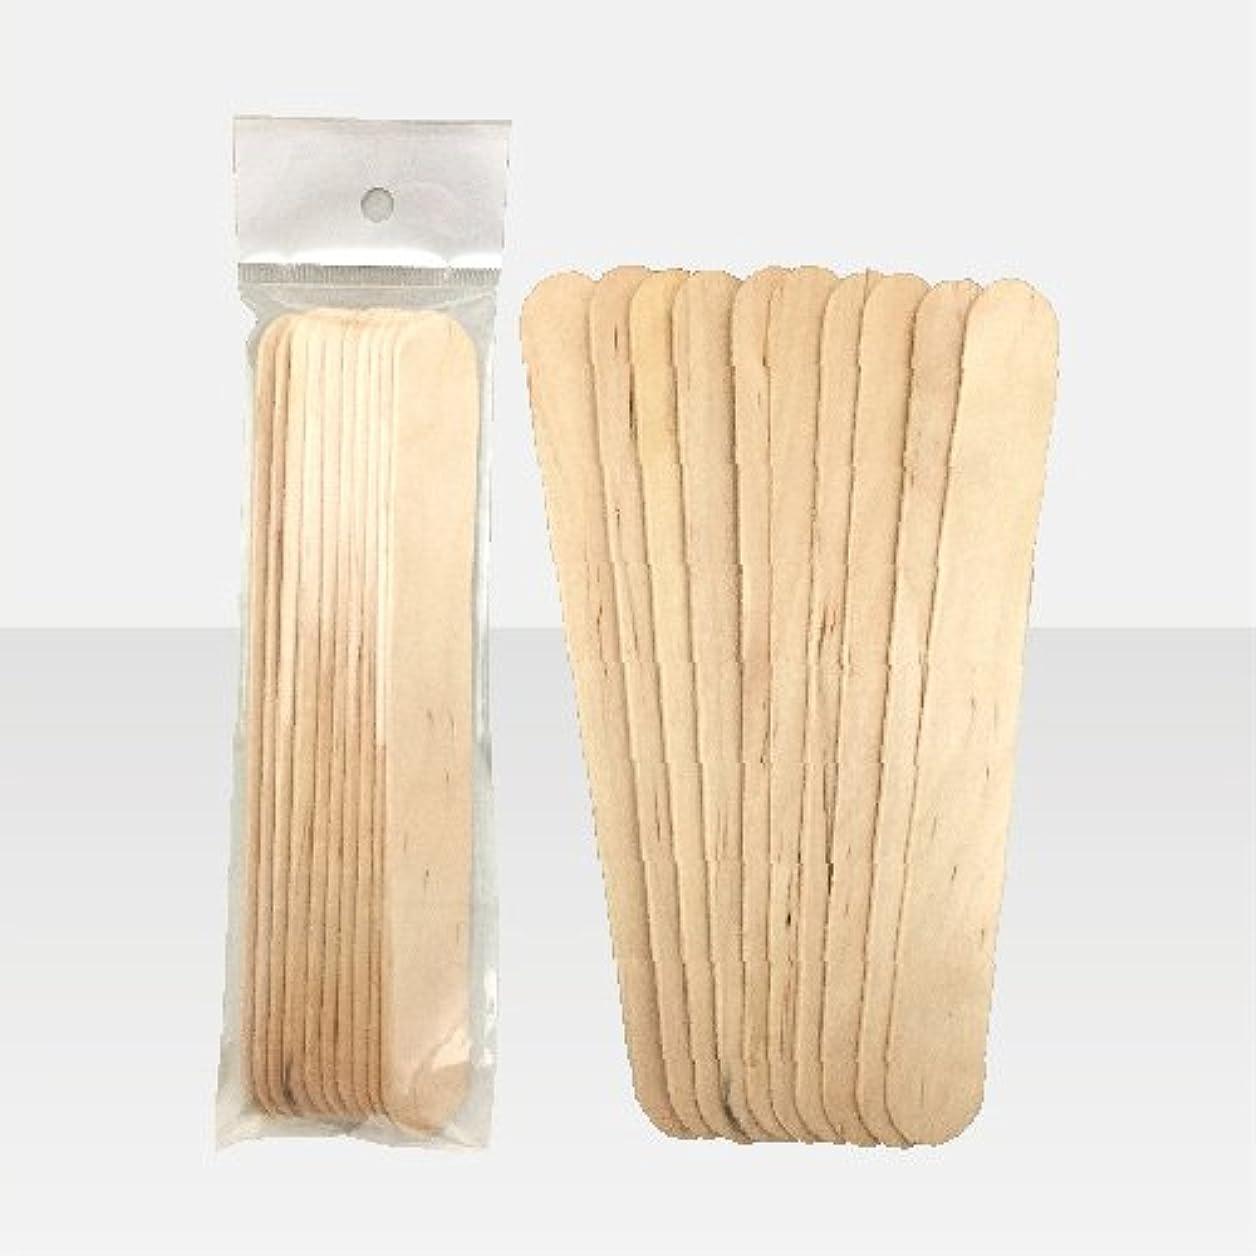 シュート賛辞動詞ブラジリアンワックス 脱毛ワックス用  ワックススパチュラ 木ベラ /10本セット Mサイズ